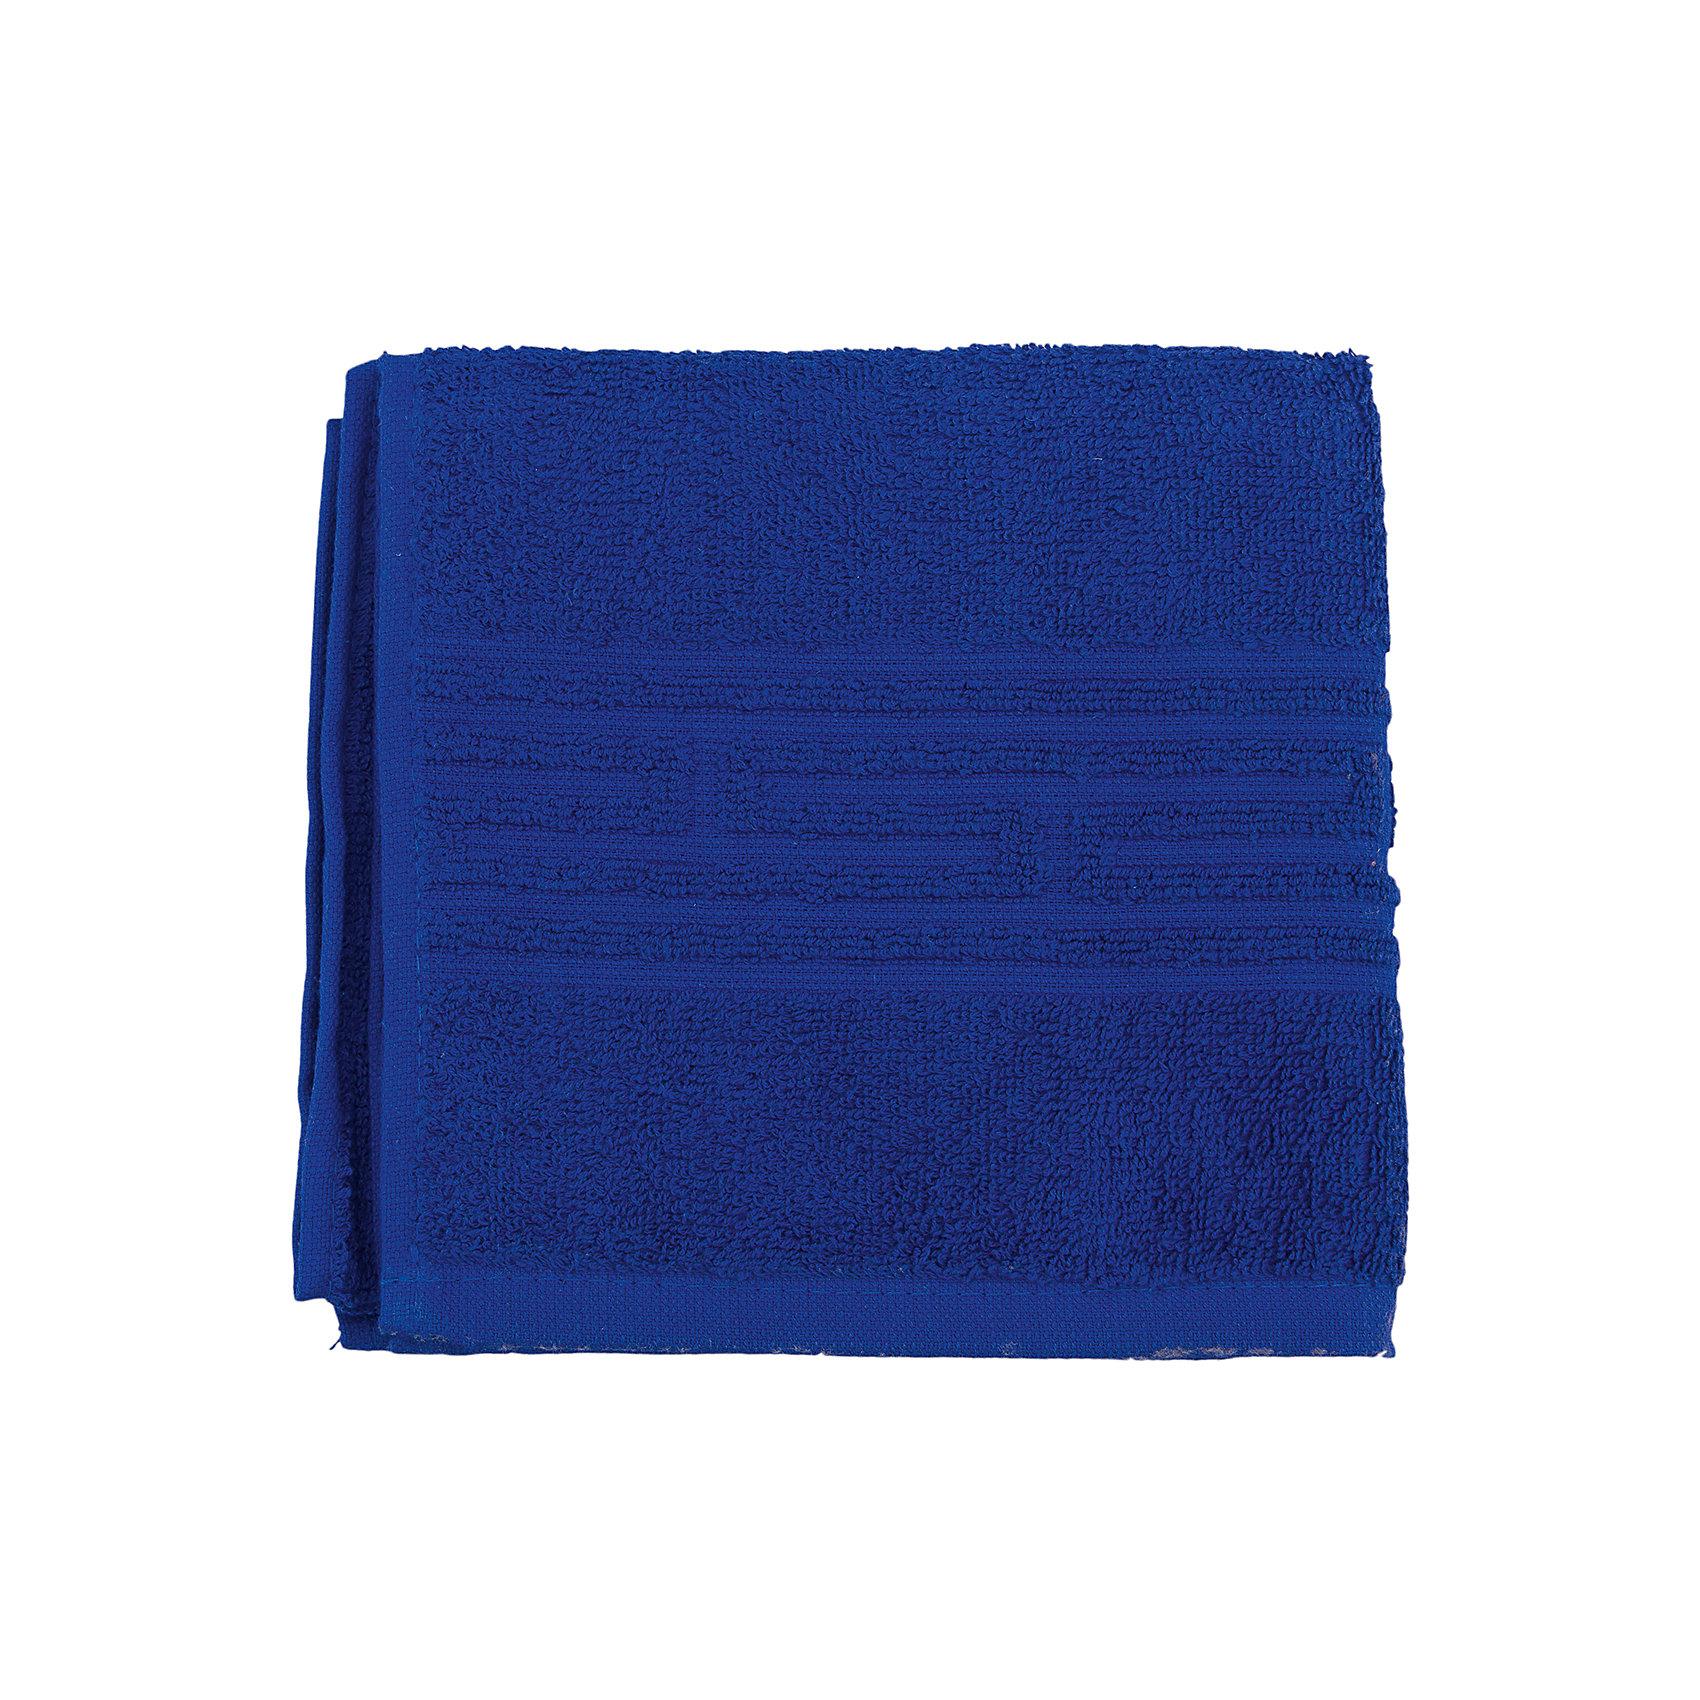 Полотенце махровое Greek 40*75, Португалия, синийДомашний текстиль<br>Махровое полотенце Greek подарит вам ощущение тепла и мягкости после принятия ванны. Оно изготовлено из качественного хлопка, способного отлично впитать влагу и сохранить свои качества и цвет даже после множества стирок. Полотенце декорировано вышивкой в виде греческого лабиринта.<br><br>Дополнительная информация:<br>Материал: 100% хлопок<br>Размер: 40х75 см<br>Цвет: синий<br>Торговая марка: Португалия<br><br>Вы можете приобрести махровое полотенце Greek в нашем интернет-магазине.<br><br>Ширина мм: 500<br>Глубина мм: 500<br>Высота мм: 200<br>Вес г: 100<br>Возраст от месяцев: 0<br>Возраст до месяцев: 144<br>Пол: Унисекс<br>Возраст: Детский<br>SKU: 5010929